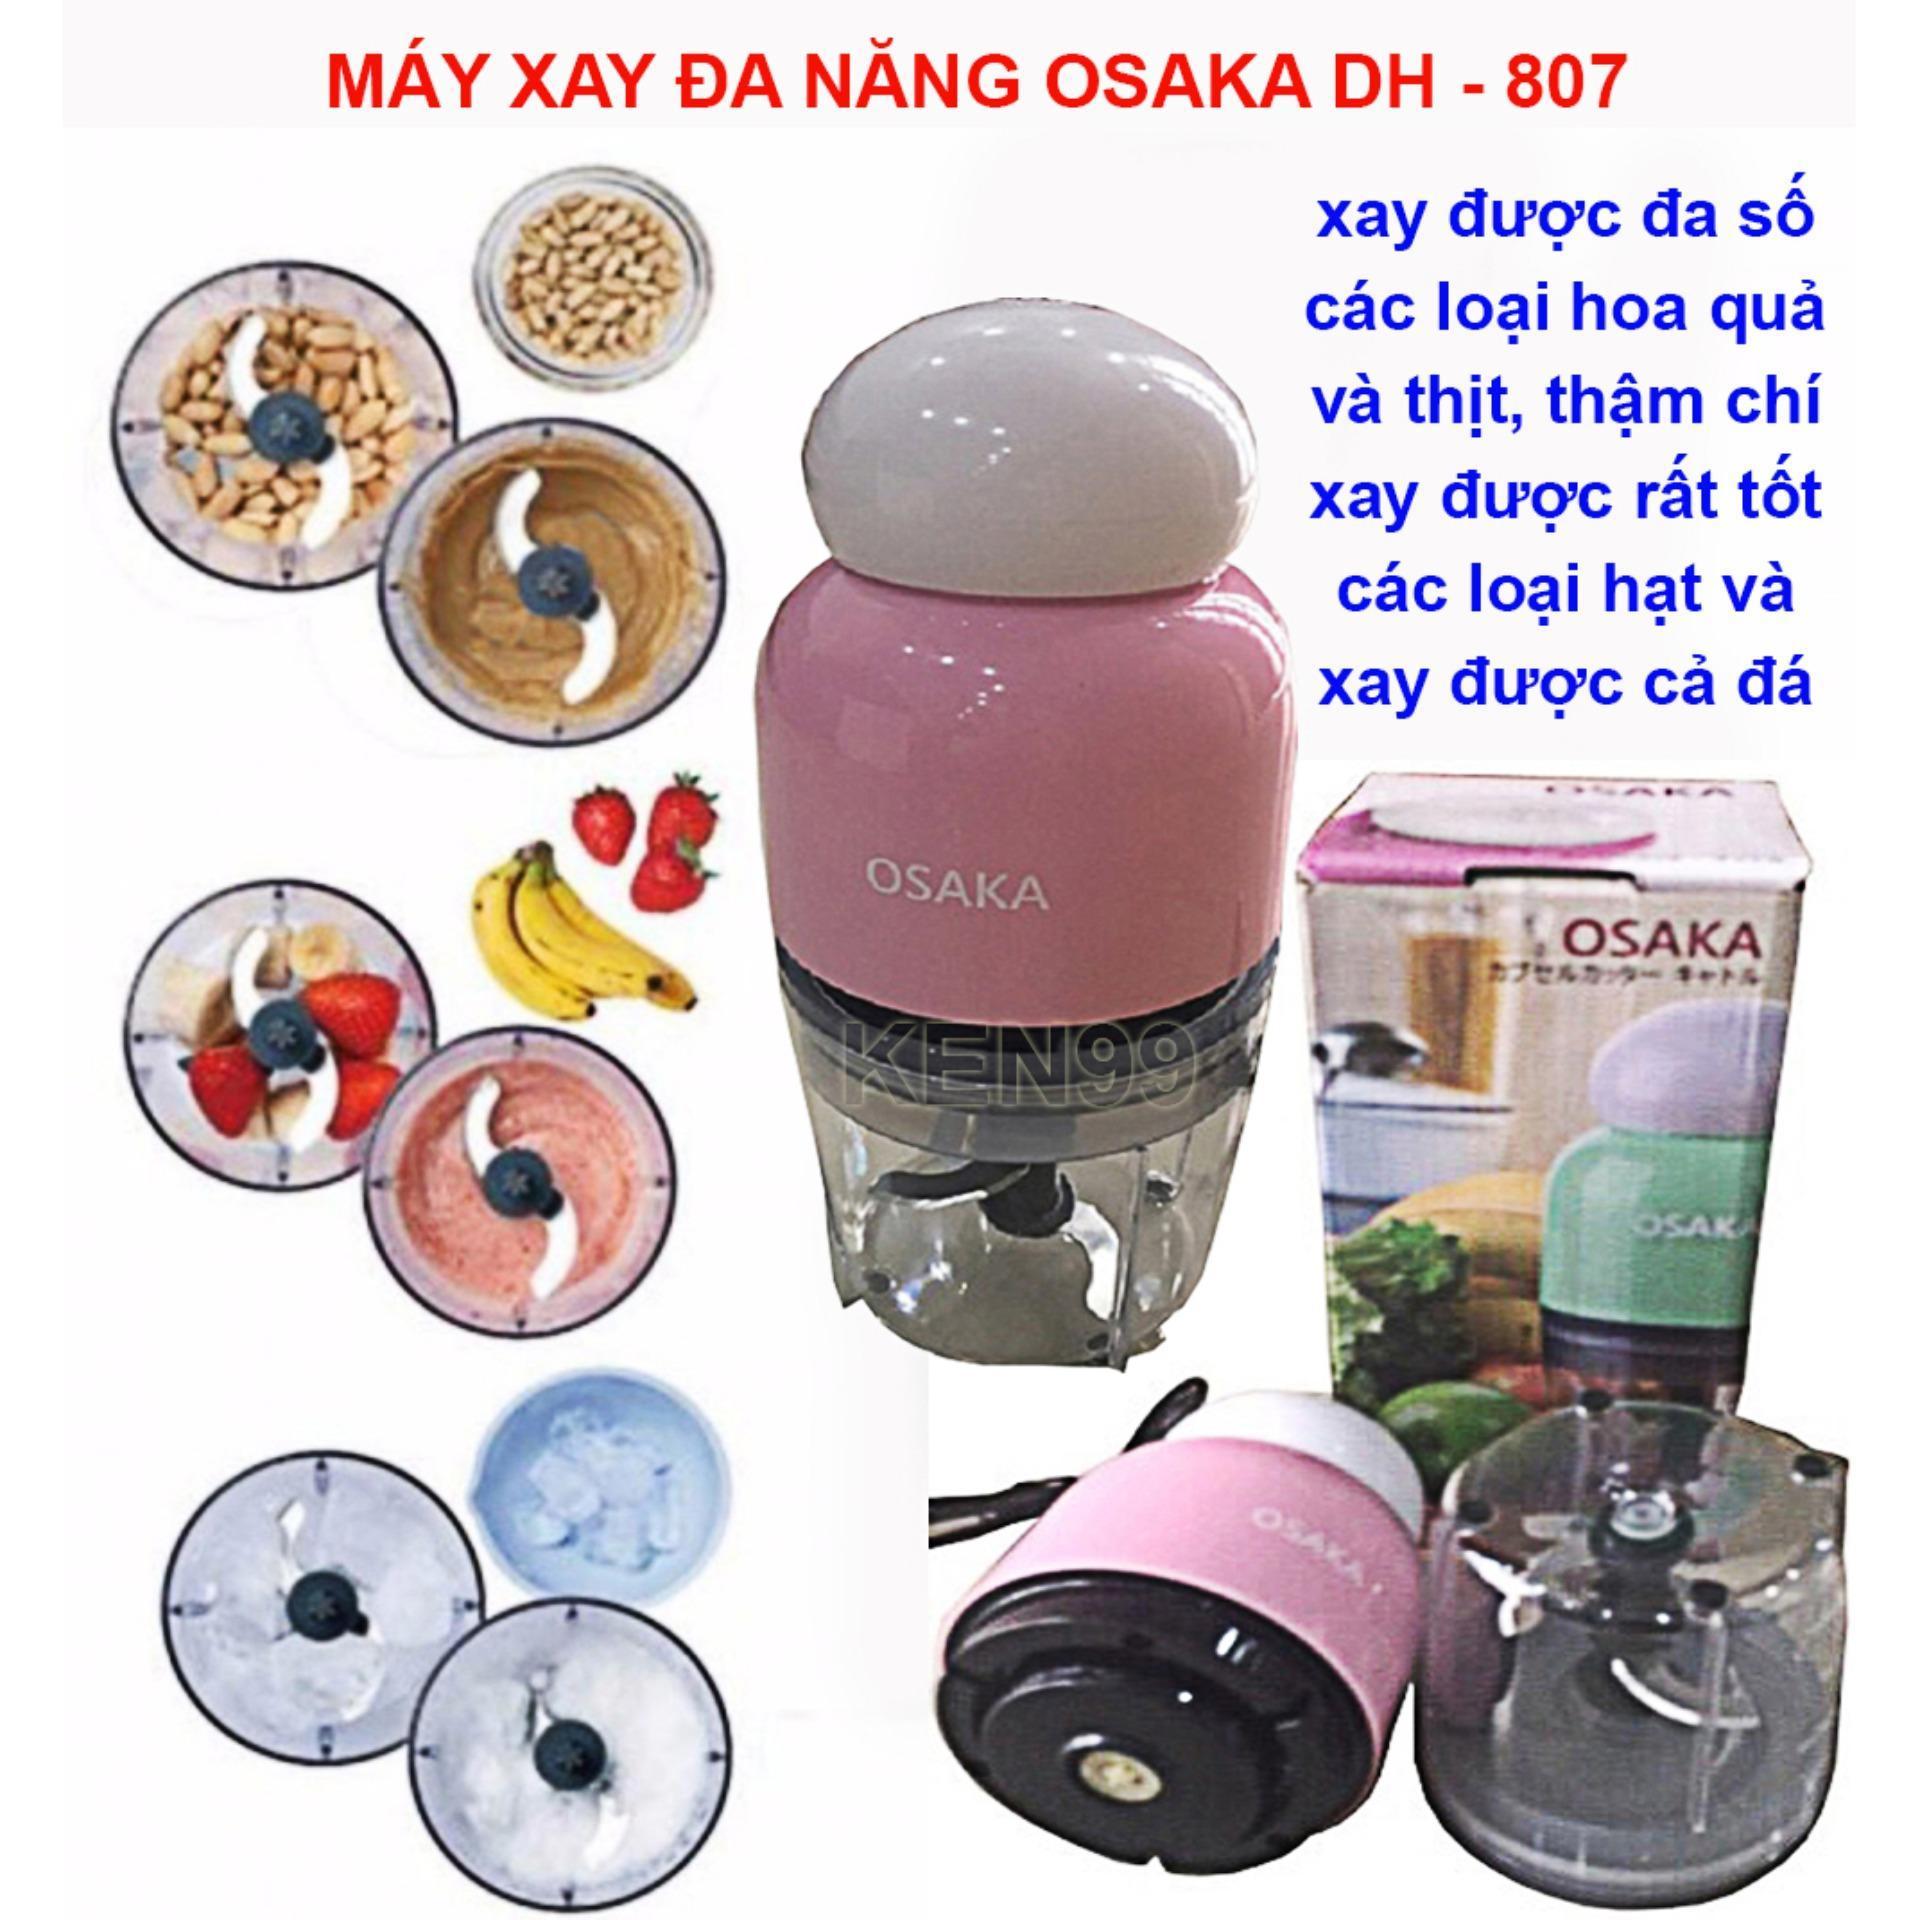 Giá Máy xay mini đa năng hàng xuất nhật OSAKA đầu tròn - Máy xay sinh tố OSAKA mua may xay da nang-Máy xay sinh tố máy xay cầm tay - Tiện dụng - Đa dạng, Máy xay cầm tay đa năng có cối. Xay thịt - Xay đậu - xay thực phẩm - xay hoa quả… Điện máy T